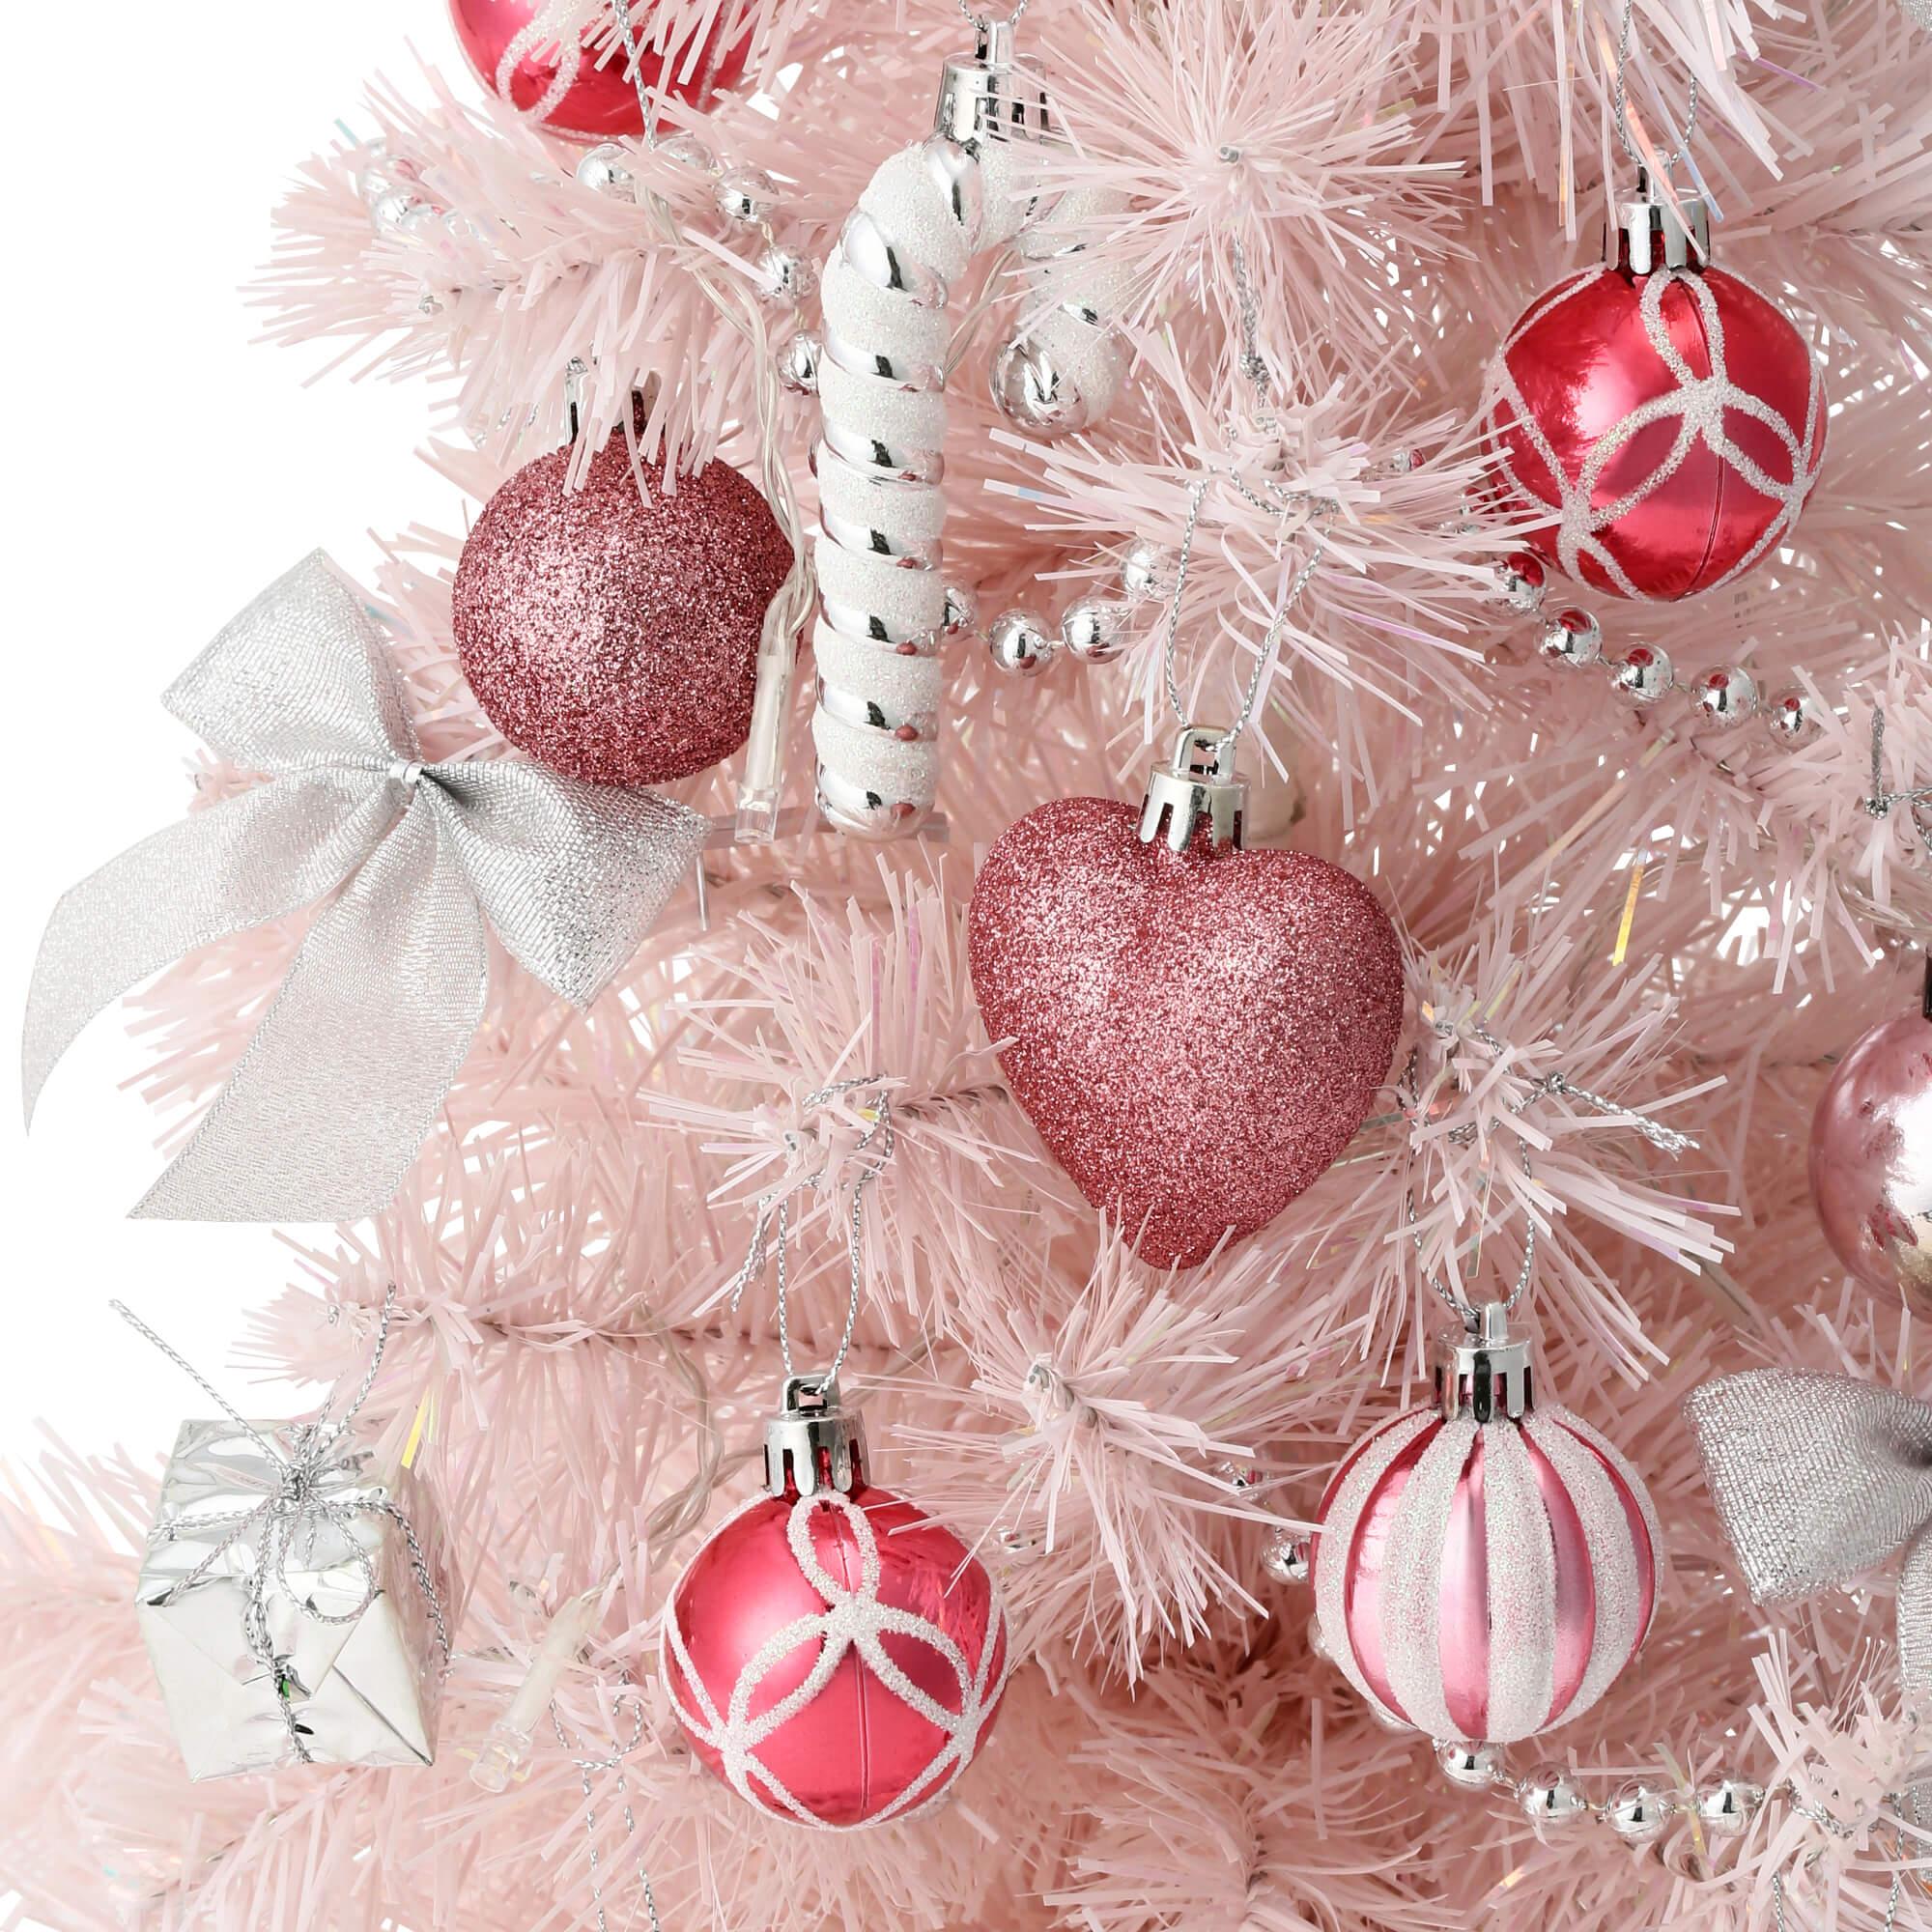 クリスマスツリー スターターセット60cm ピンクのオーナメント